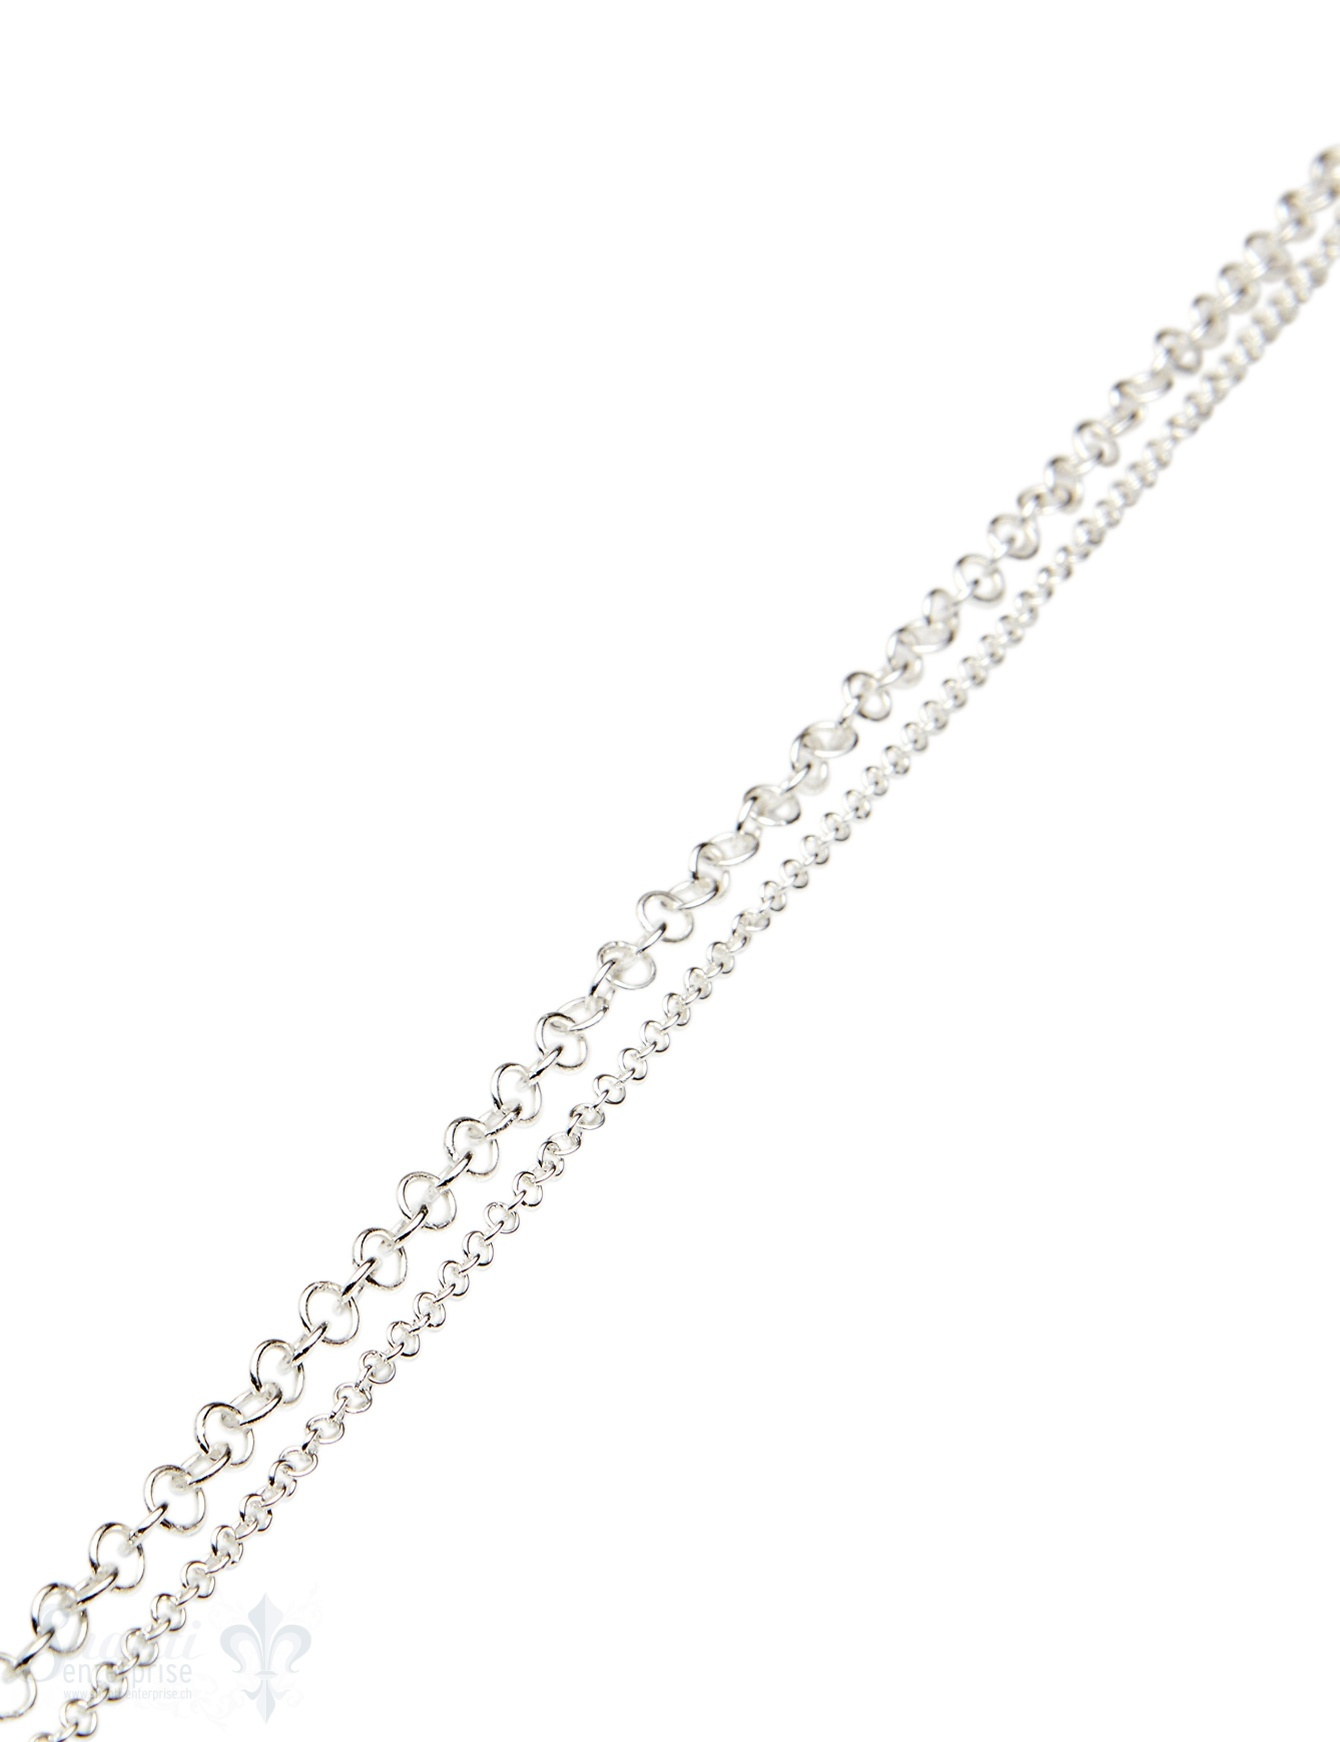 )Silberkette Ringe poliert (Abschnittlänge wird angepasst) per cm